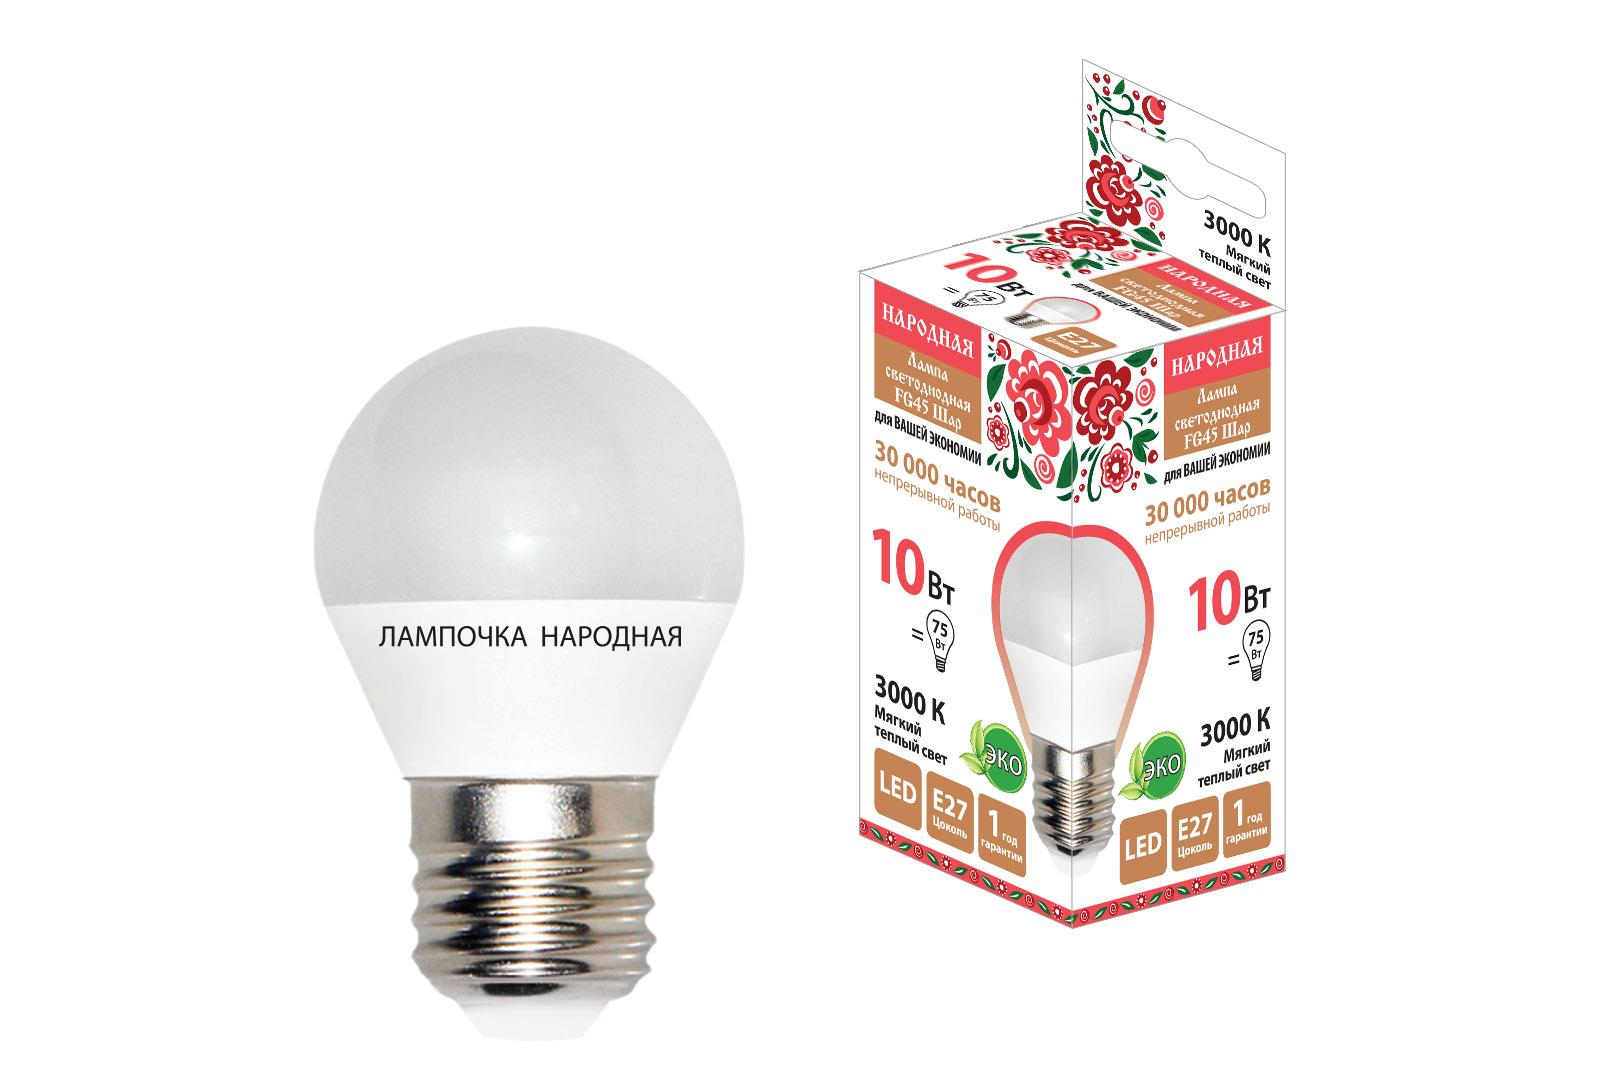 Фото Лампа светодиодная FG45-10 Вт-230 В-3000 К–E27 Народная {SQ0340-1605}